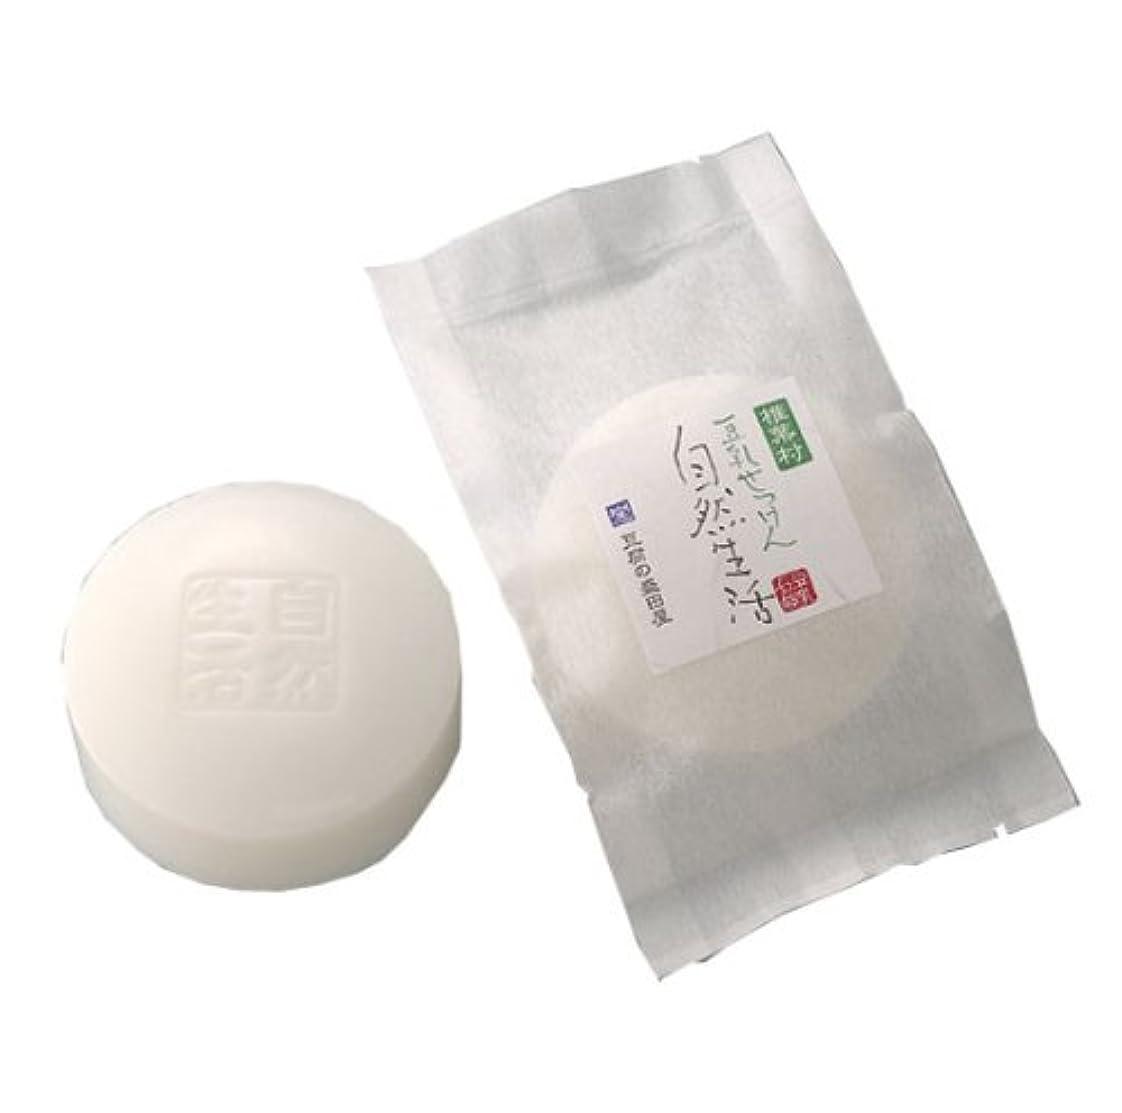 豆腐の盛田屋 豆乳せっけん 100g